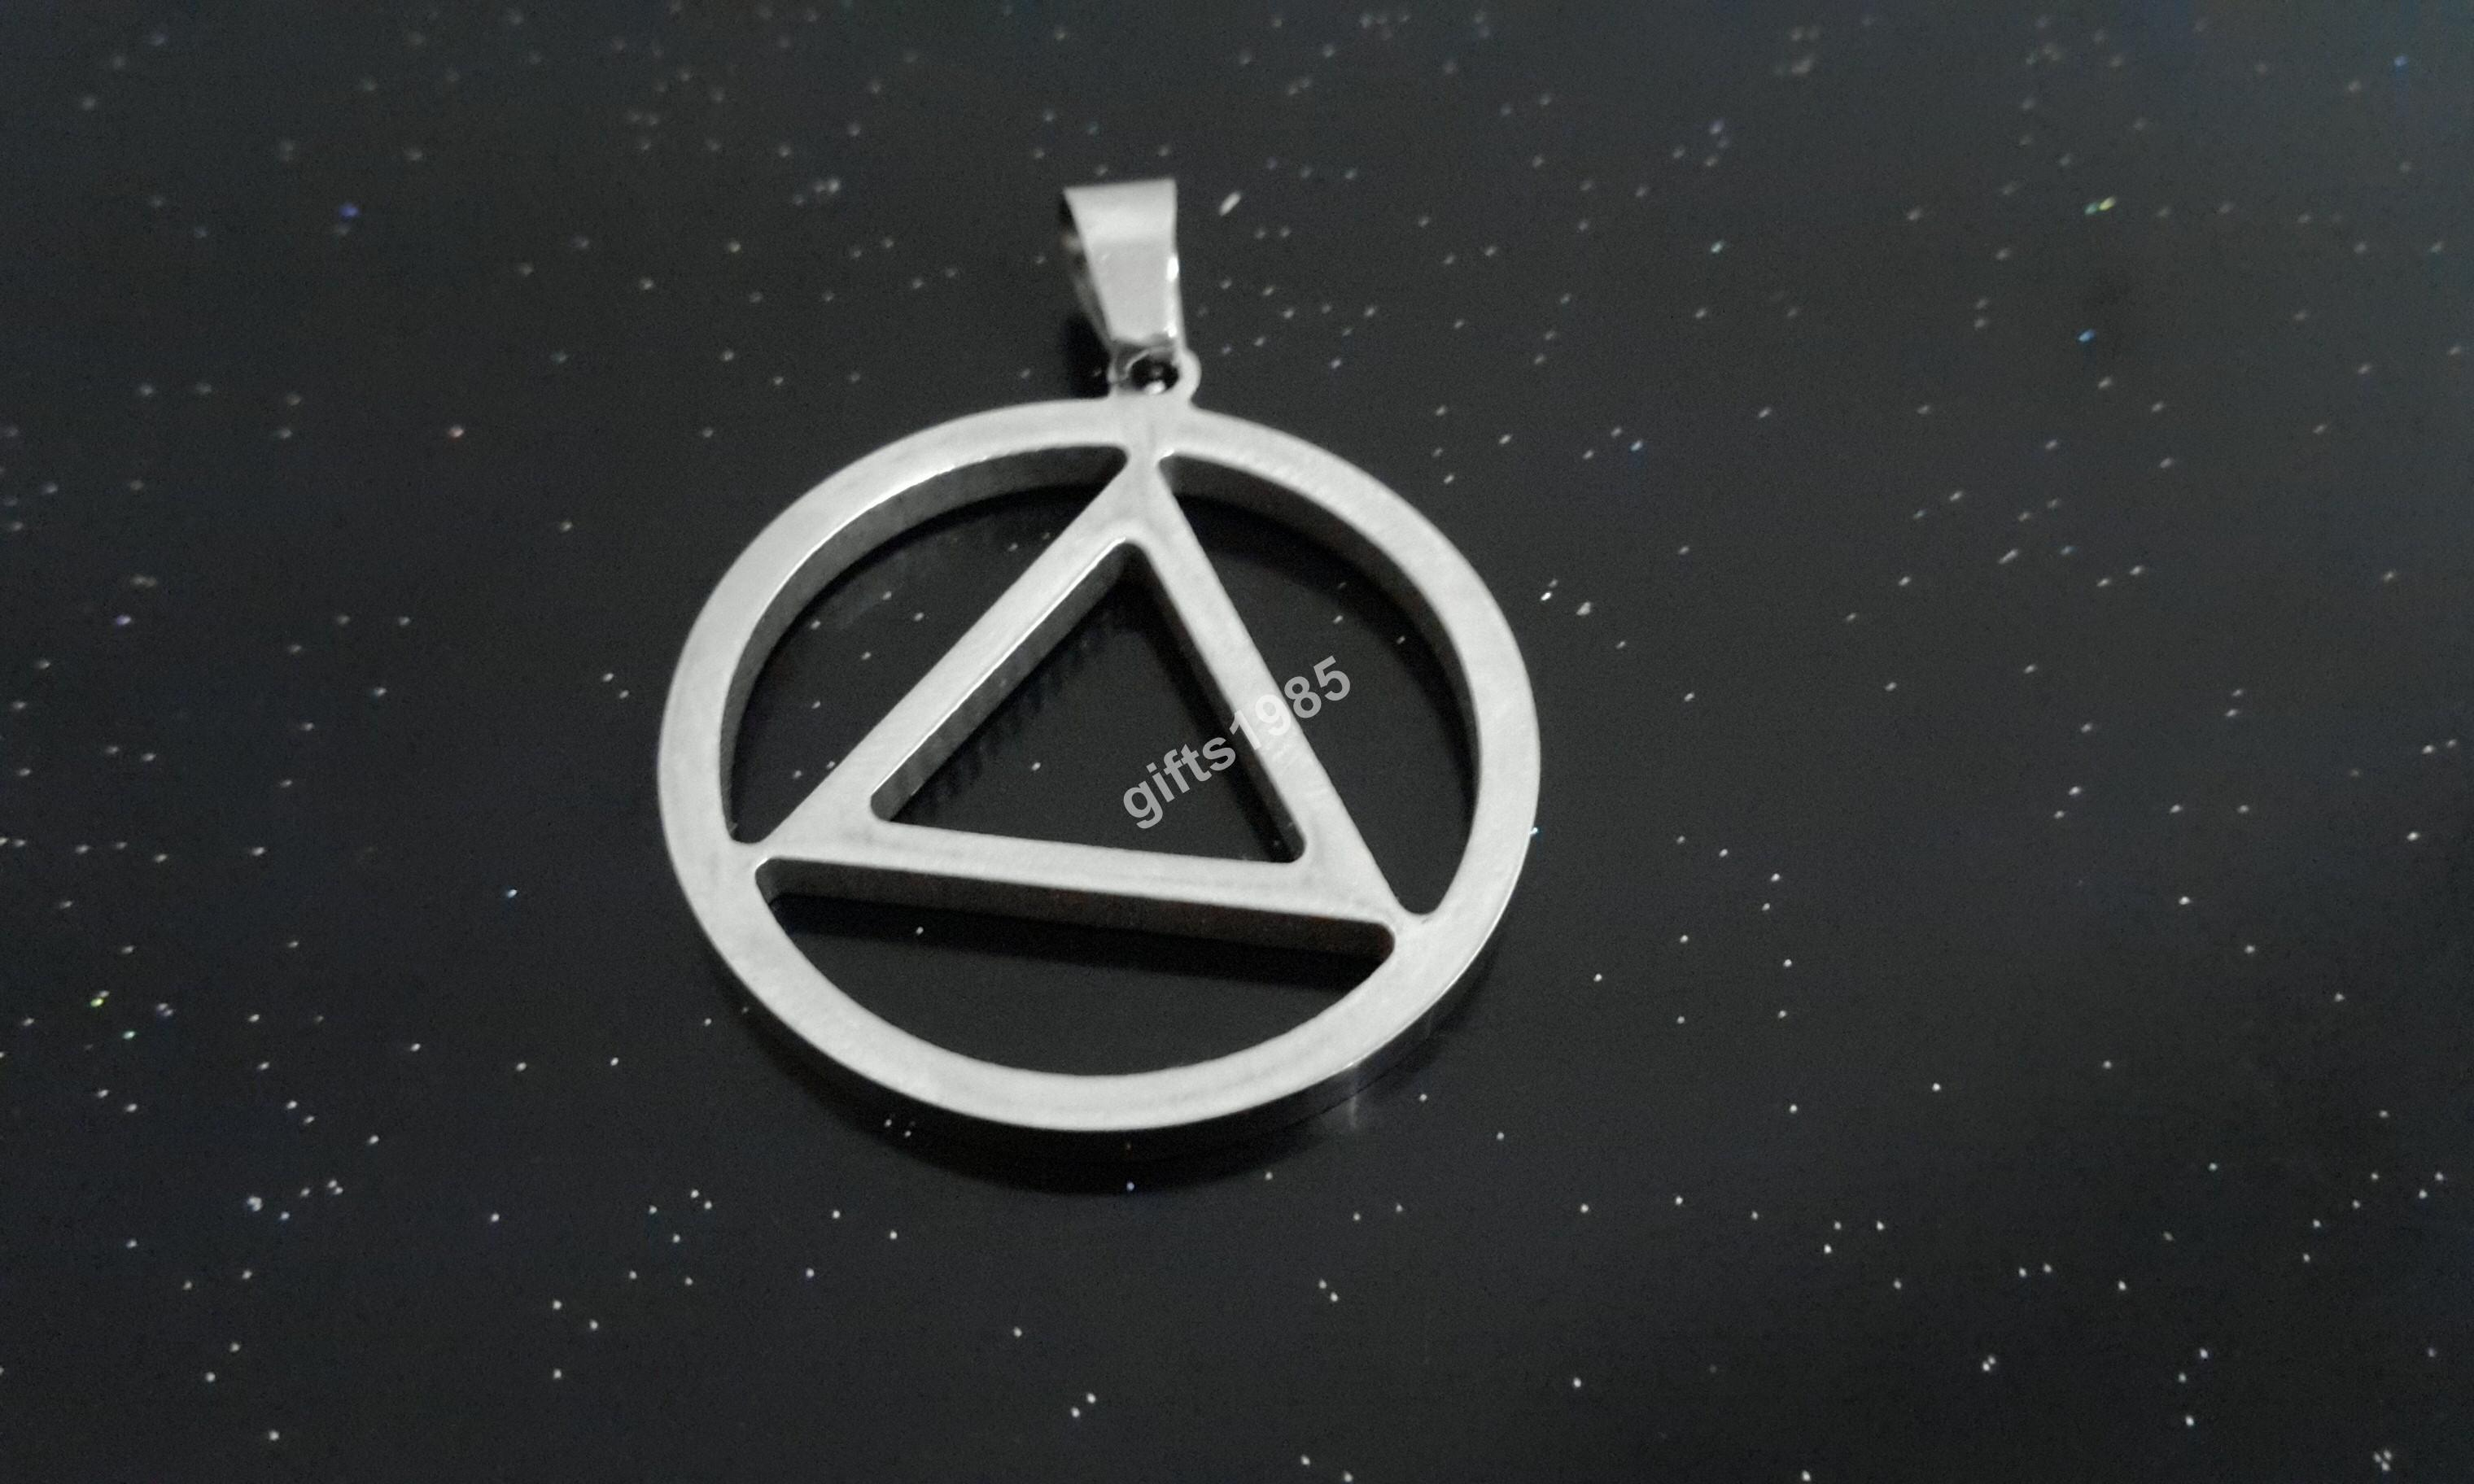 Dans l'occulte, c'est le triangle / cercle thaumaturgique. Amulette en acier inoxydable